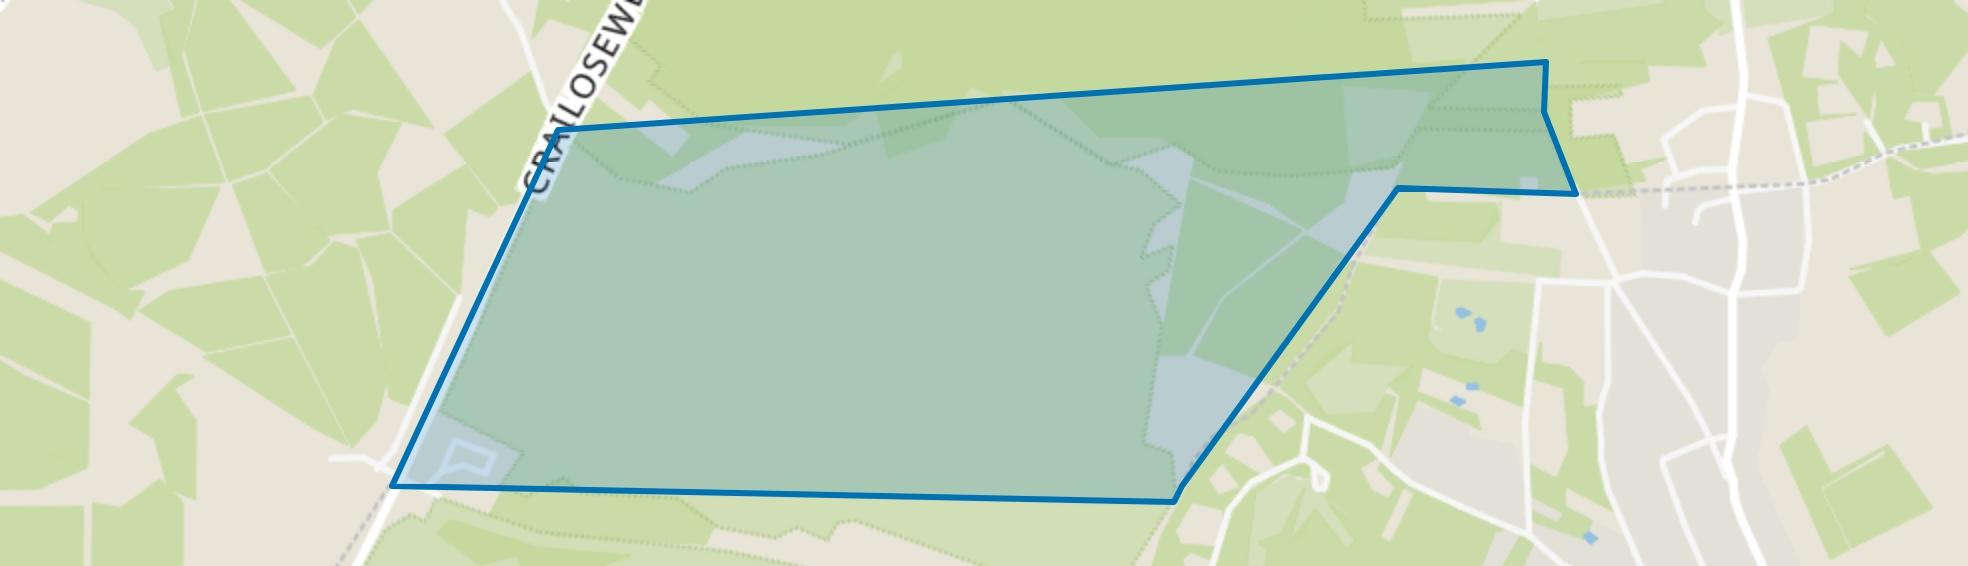 Tafelberger Heide, Huizen map